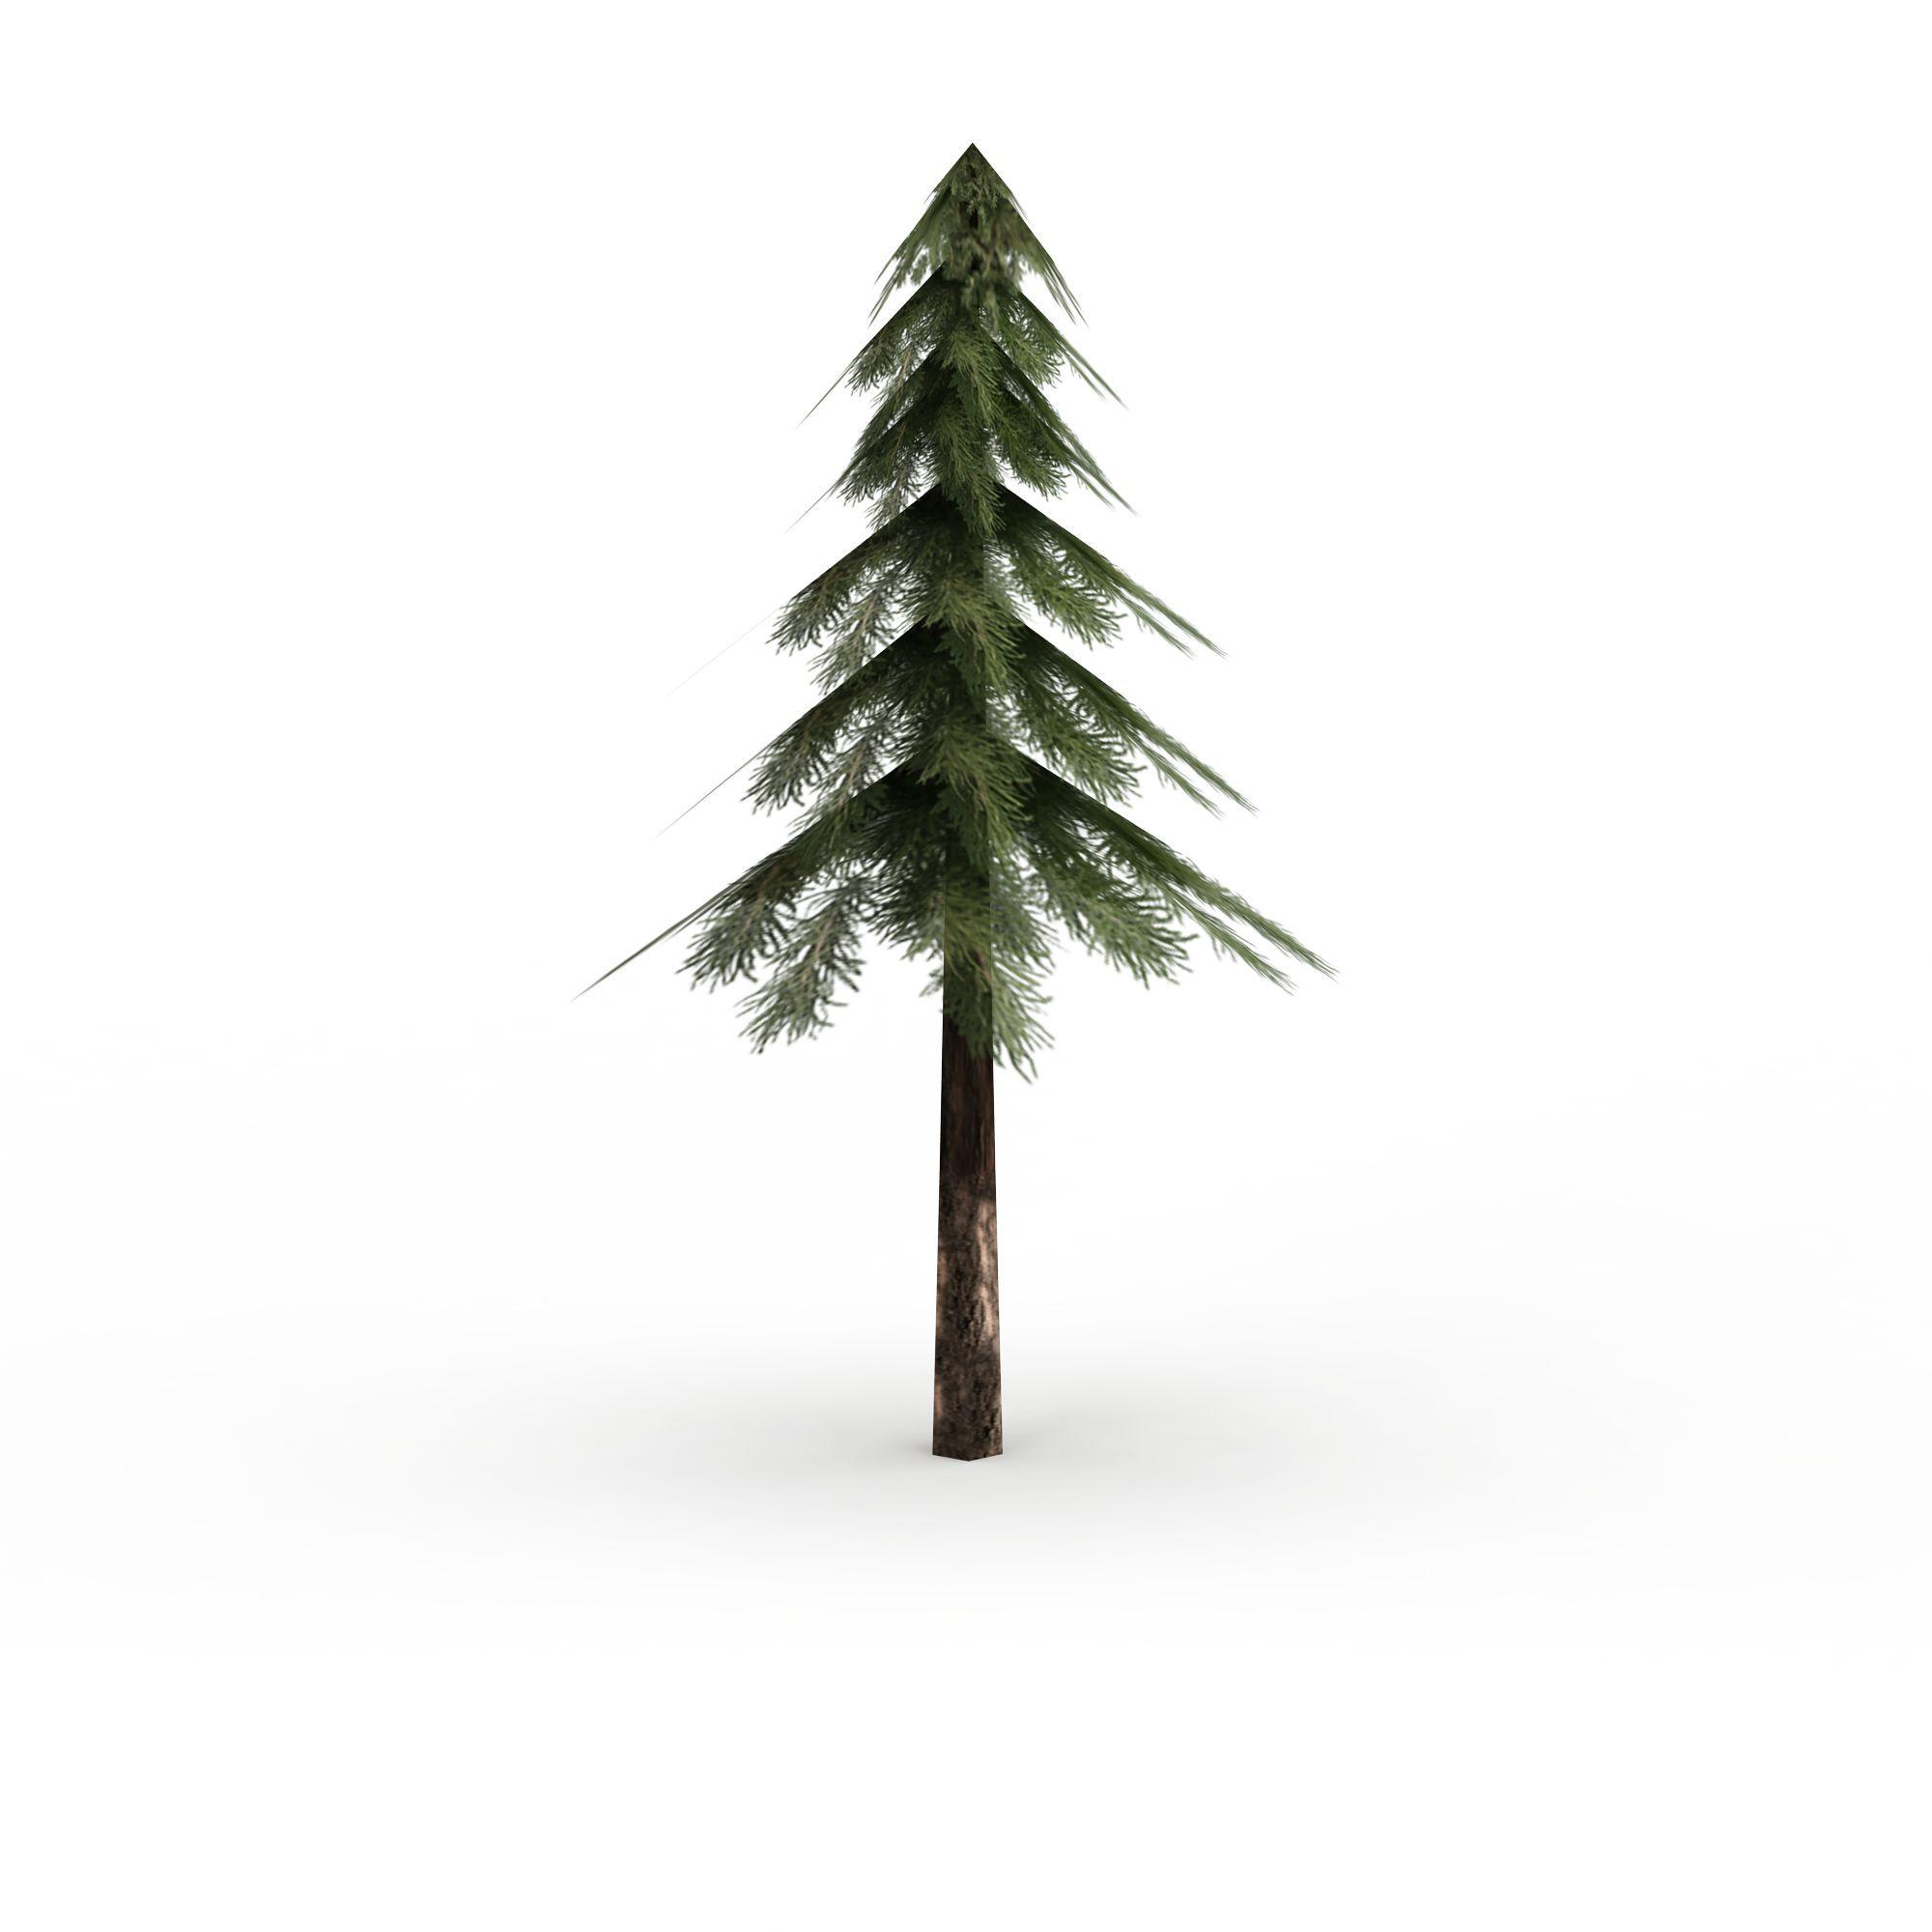 松树高清图下载